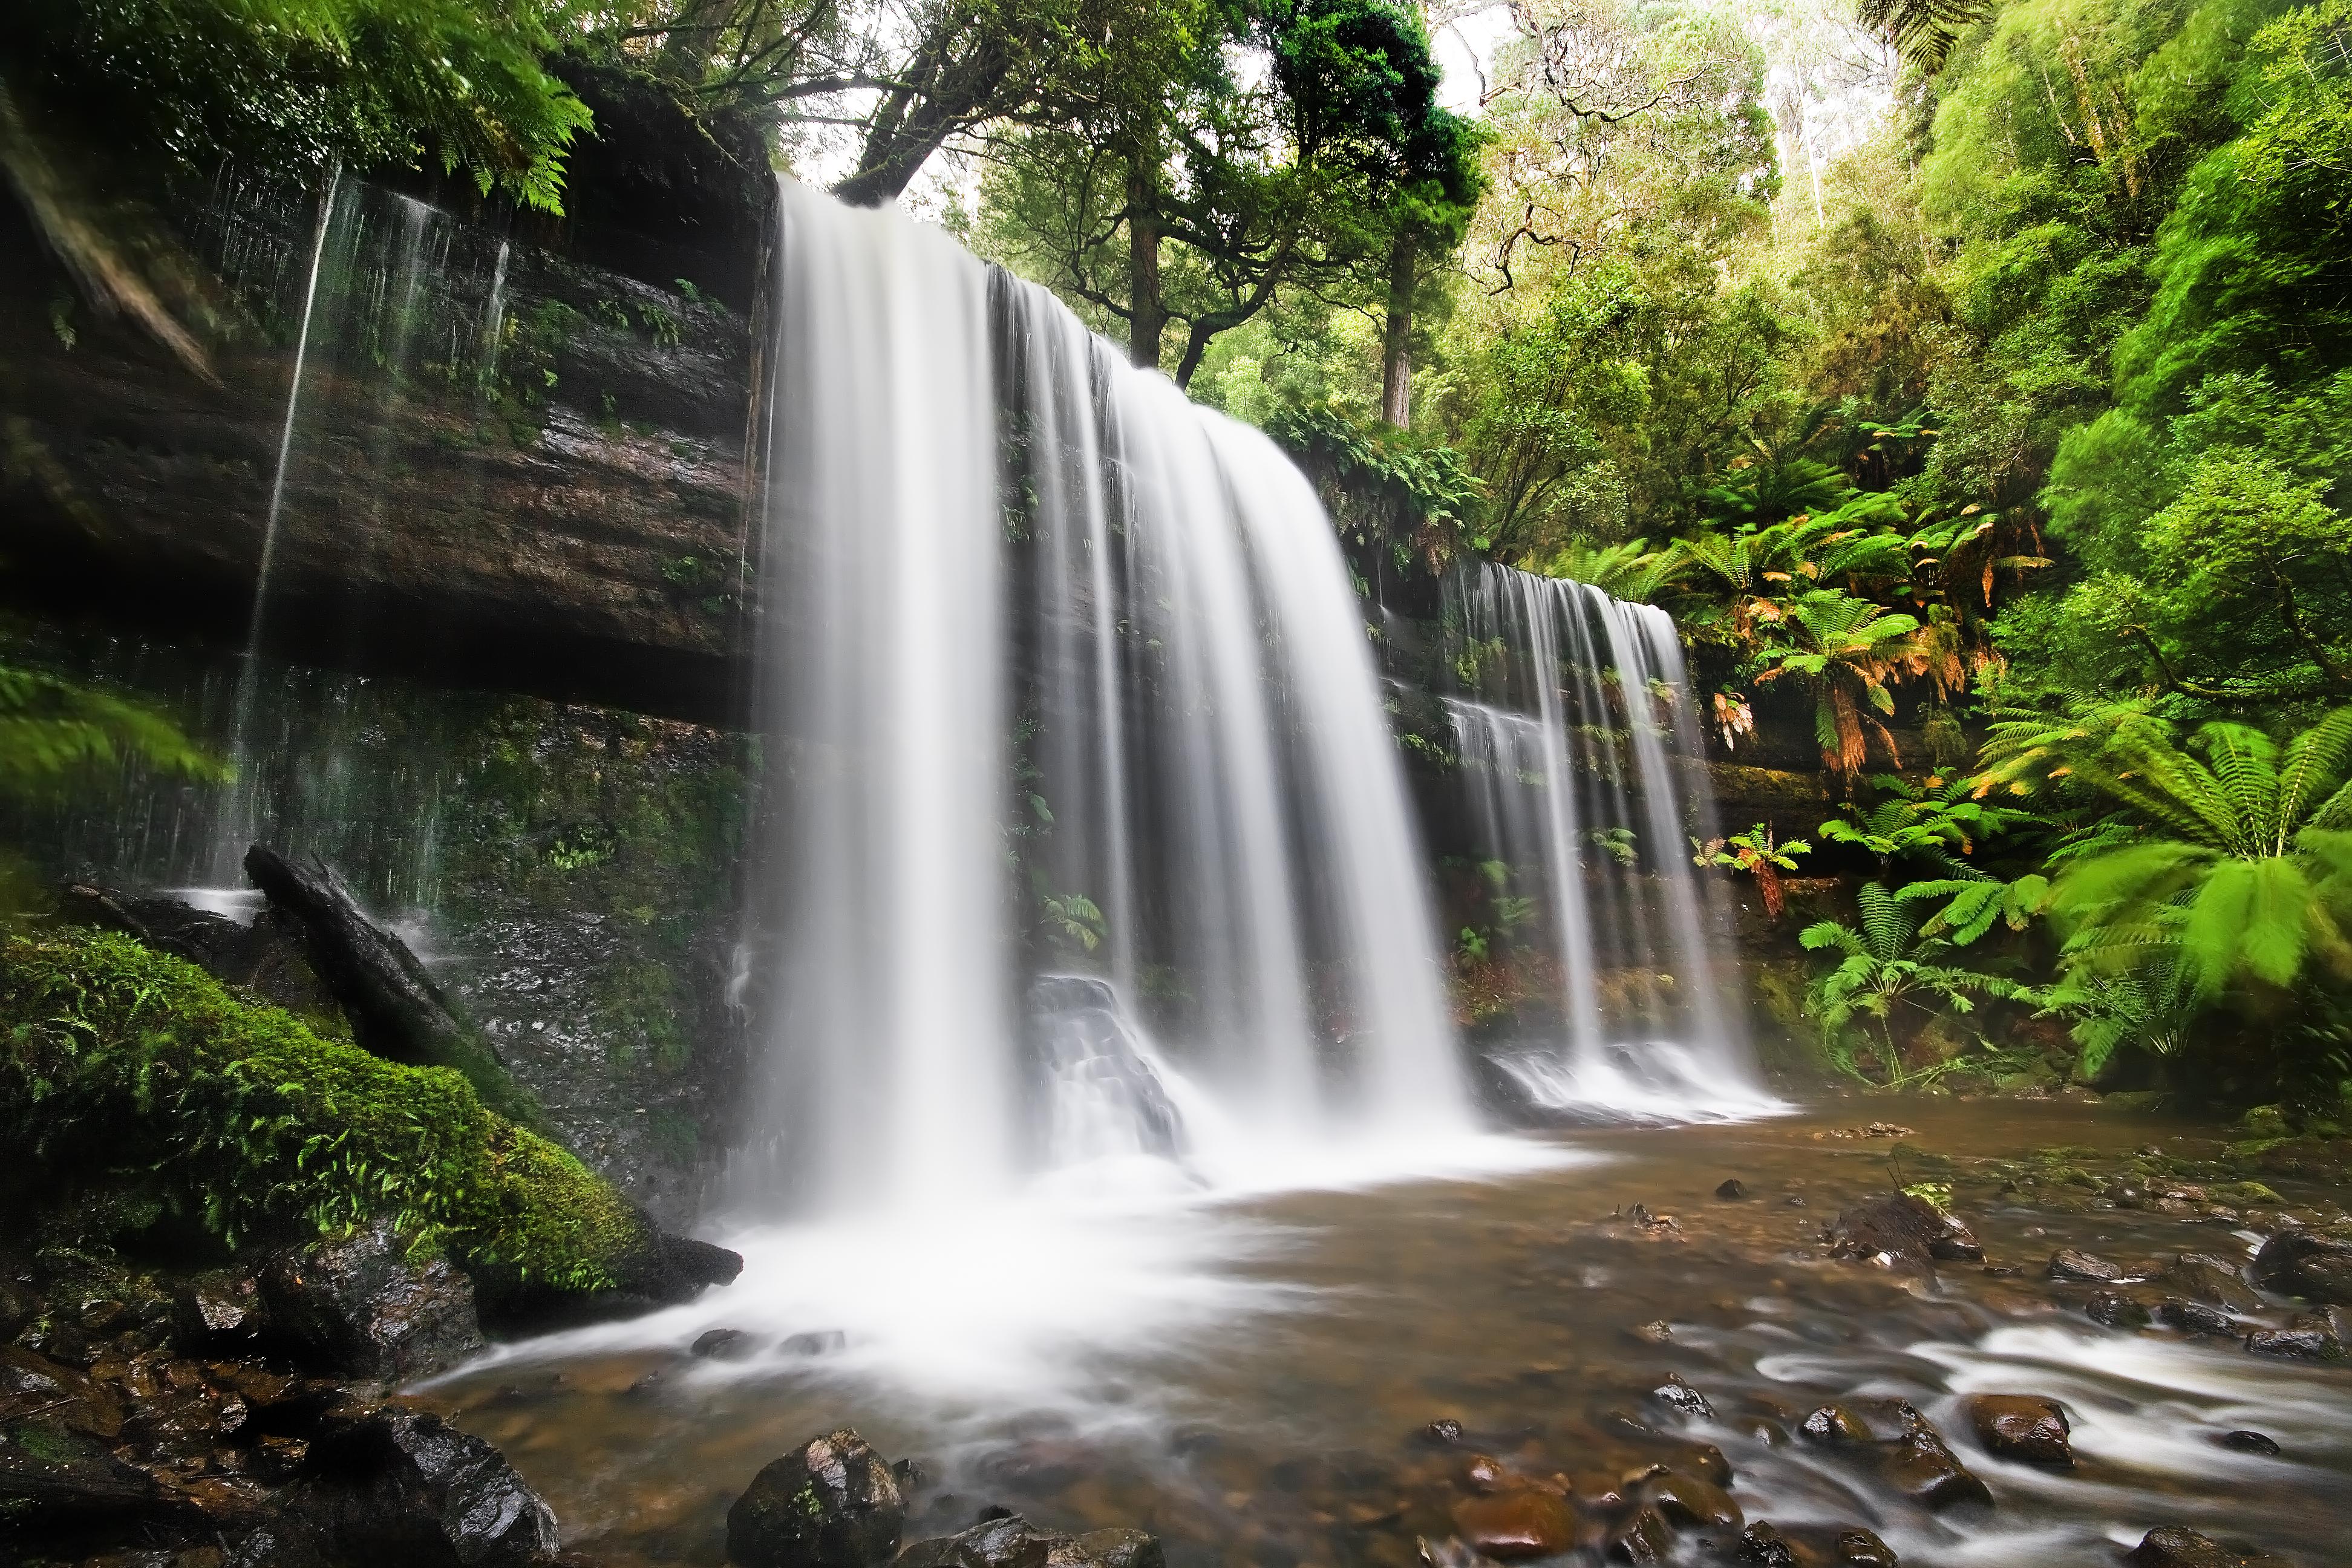 Wasserfall eines Baches in Australien